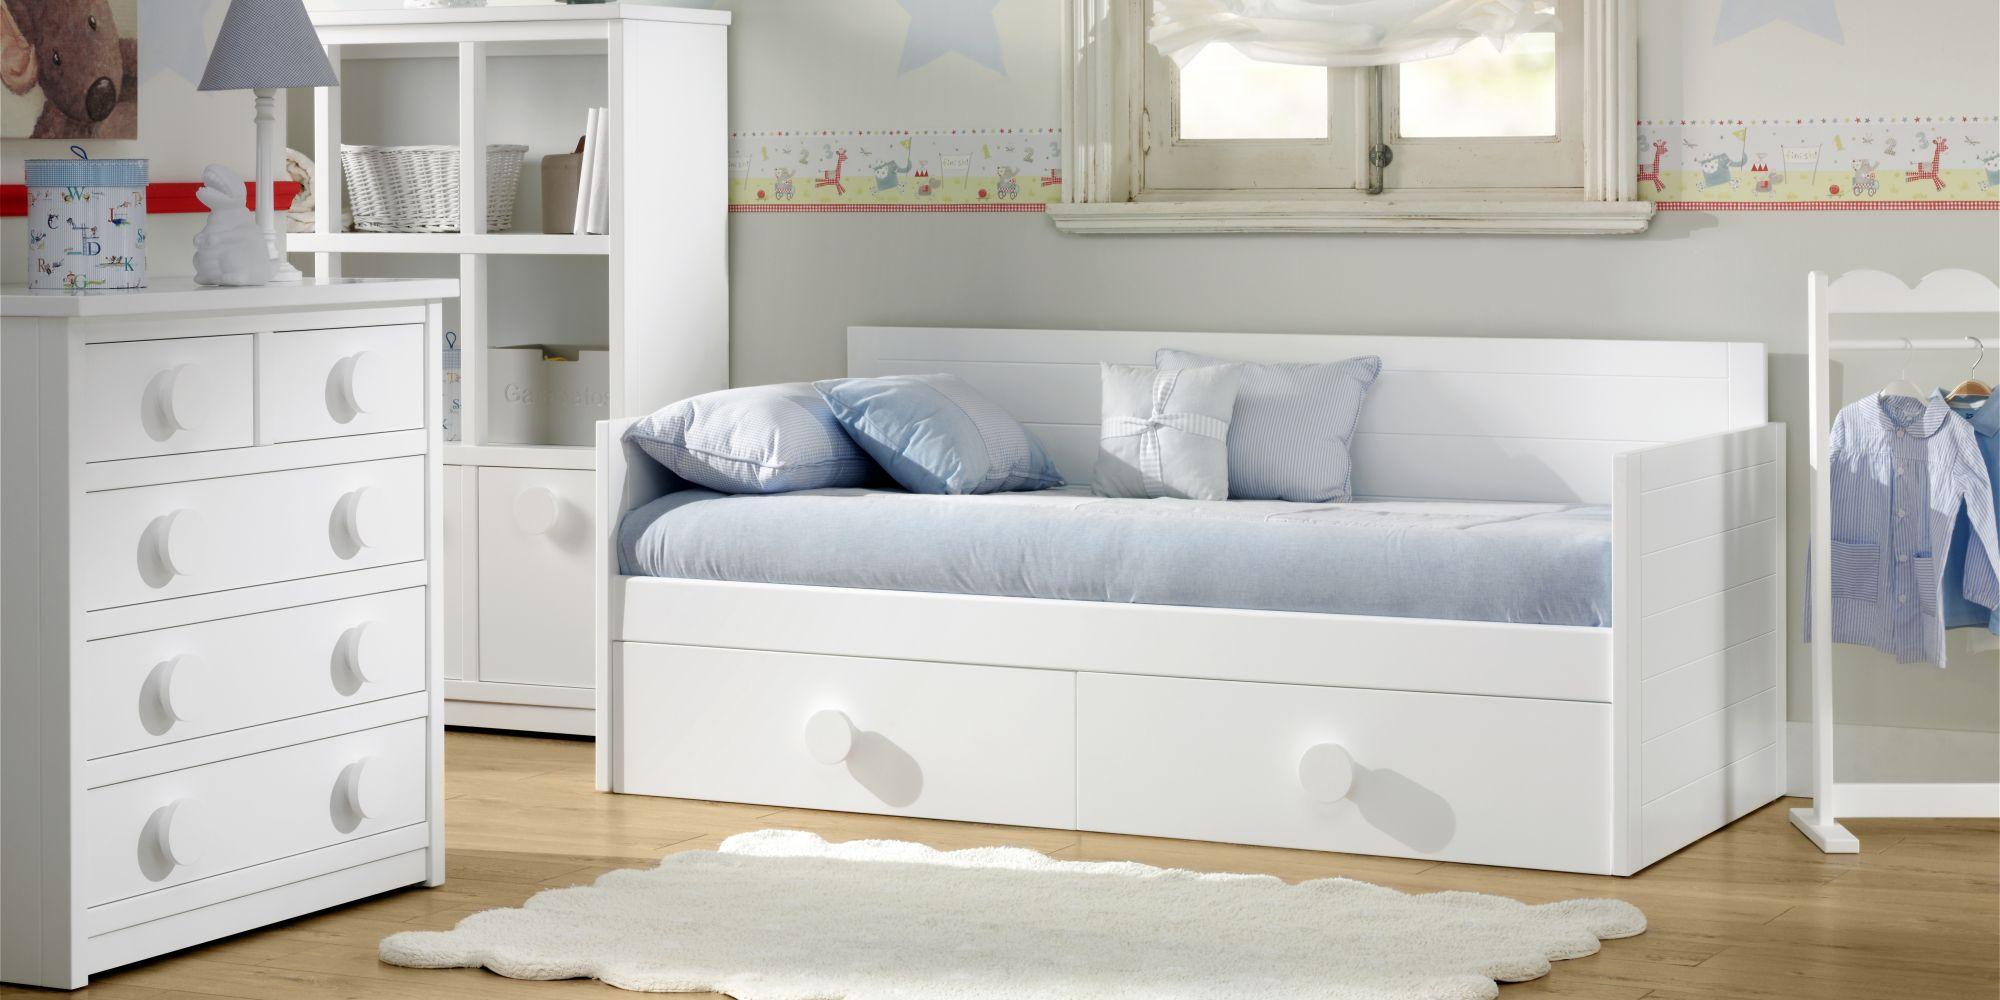 Habitación compuesta por cama con cajones inferiores y chiffonier